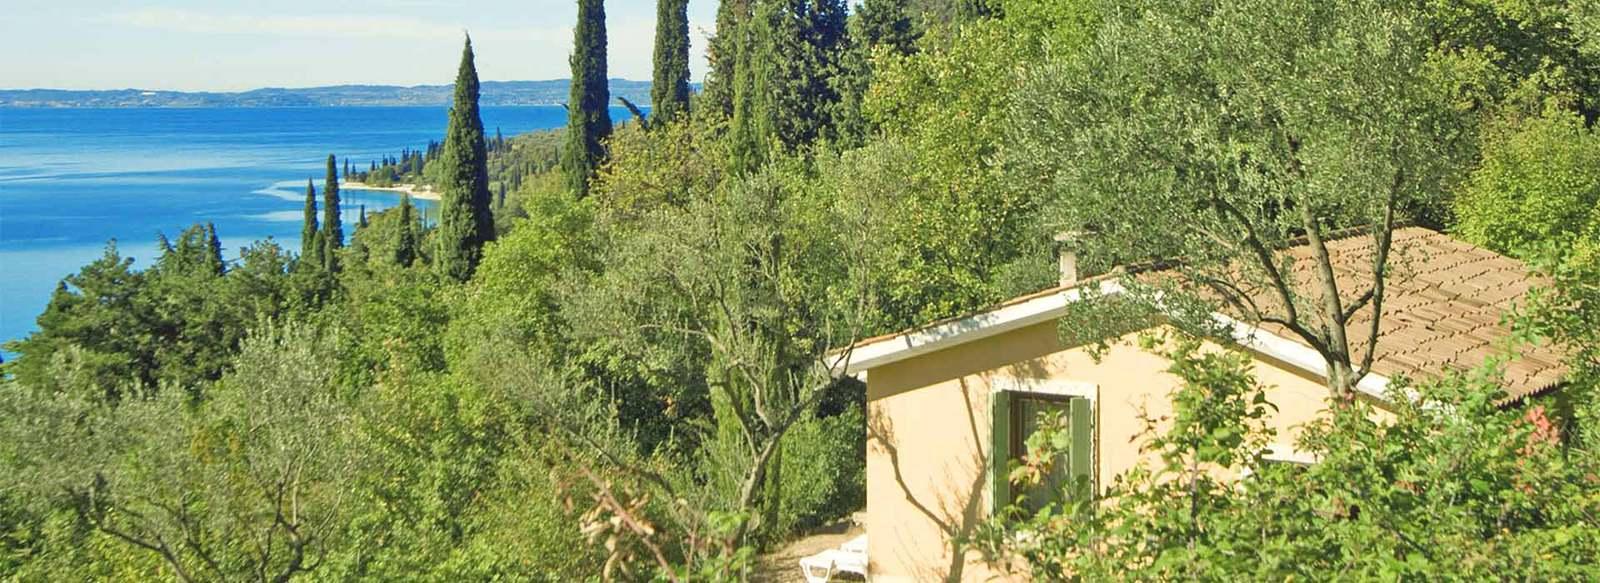 Resort 4* vista lago